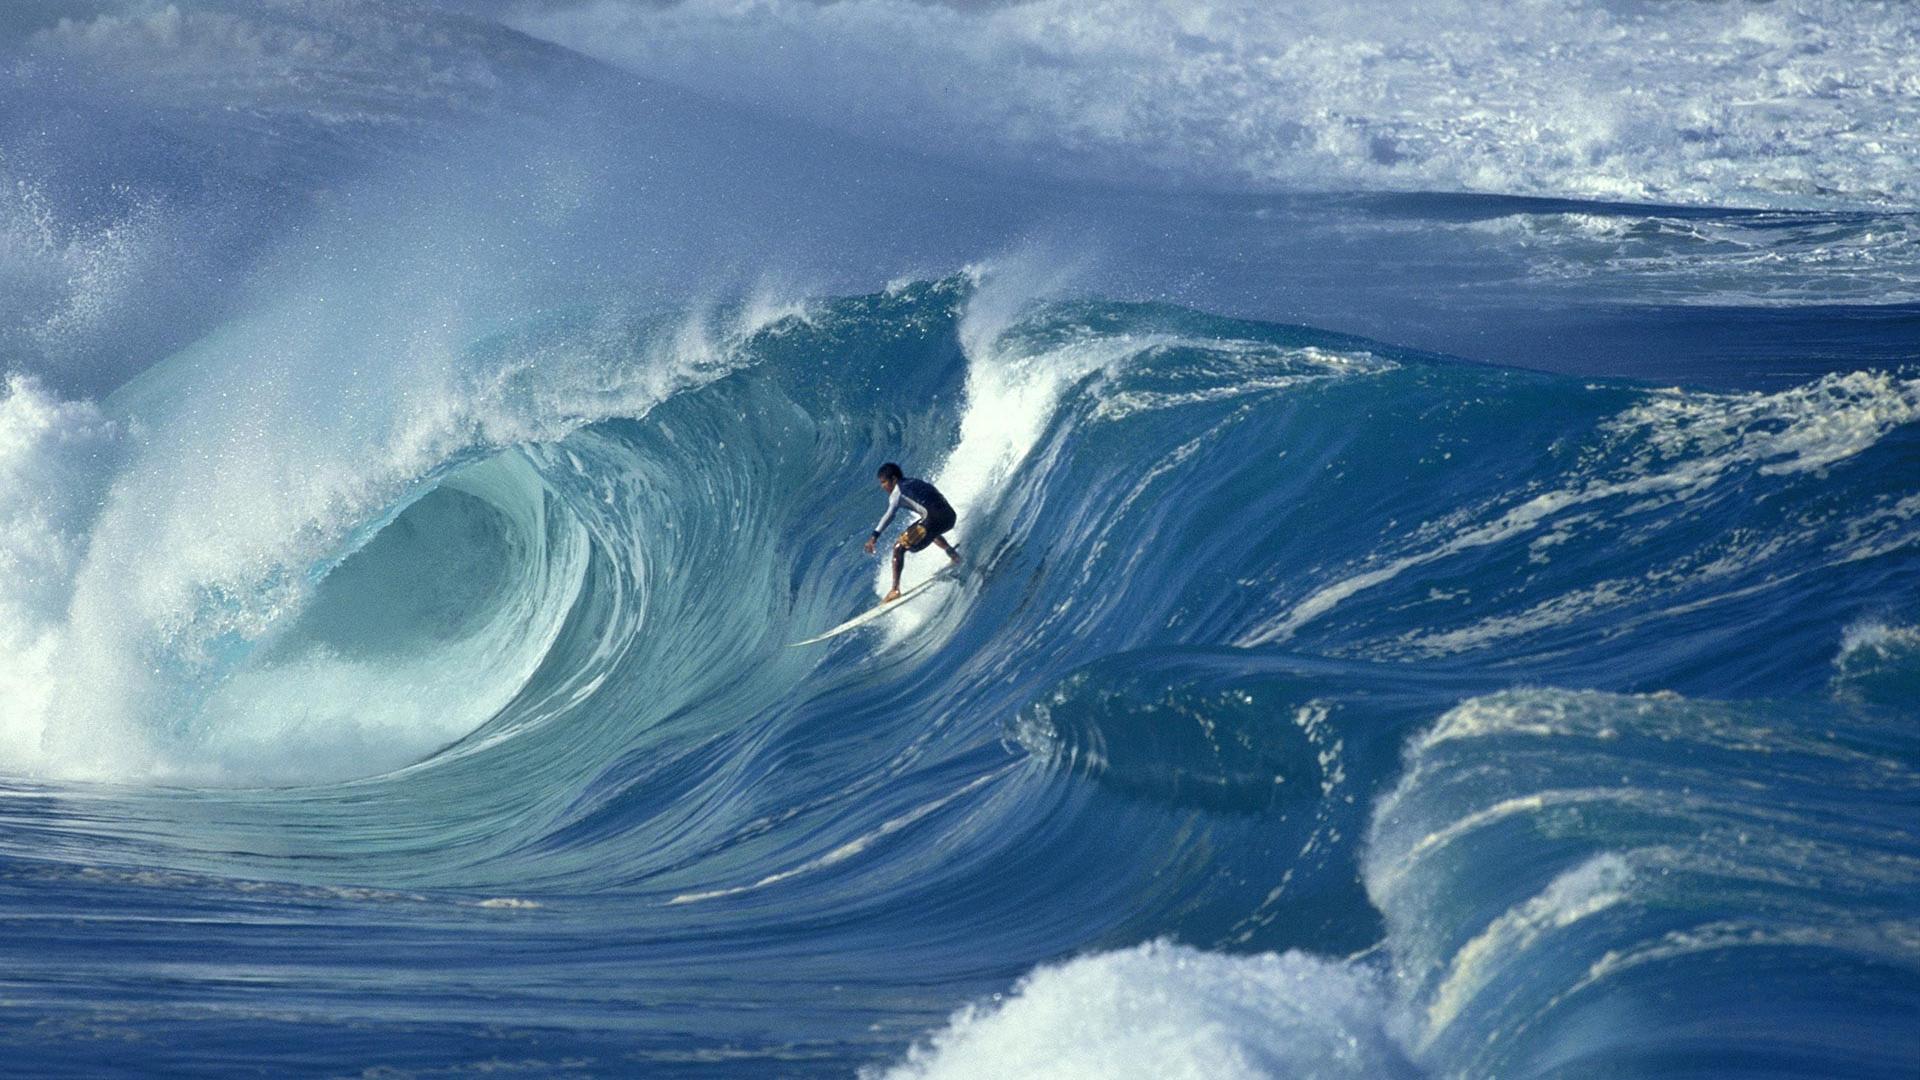 Ocean Wave Desktop Backgrounds wallpaper Ocean Wave Desktop 1920x1080